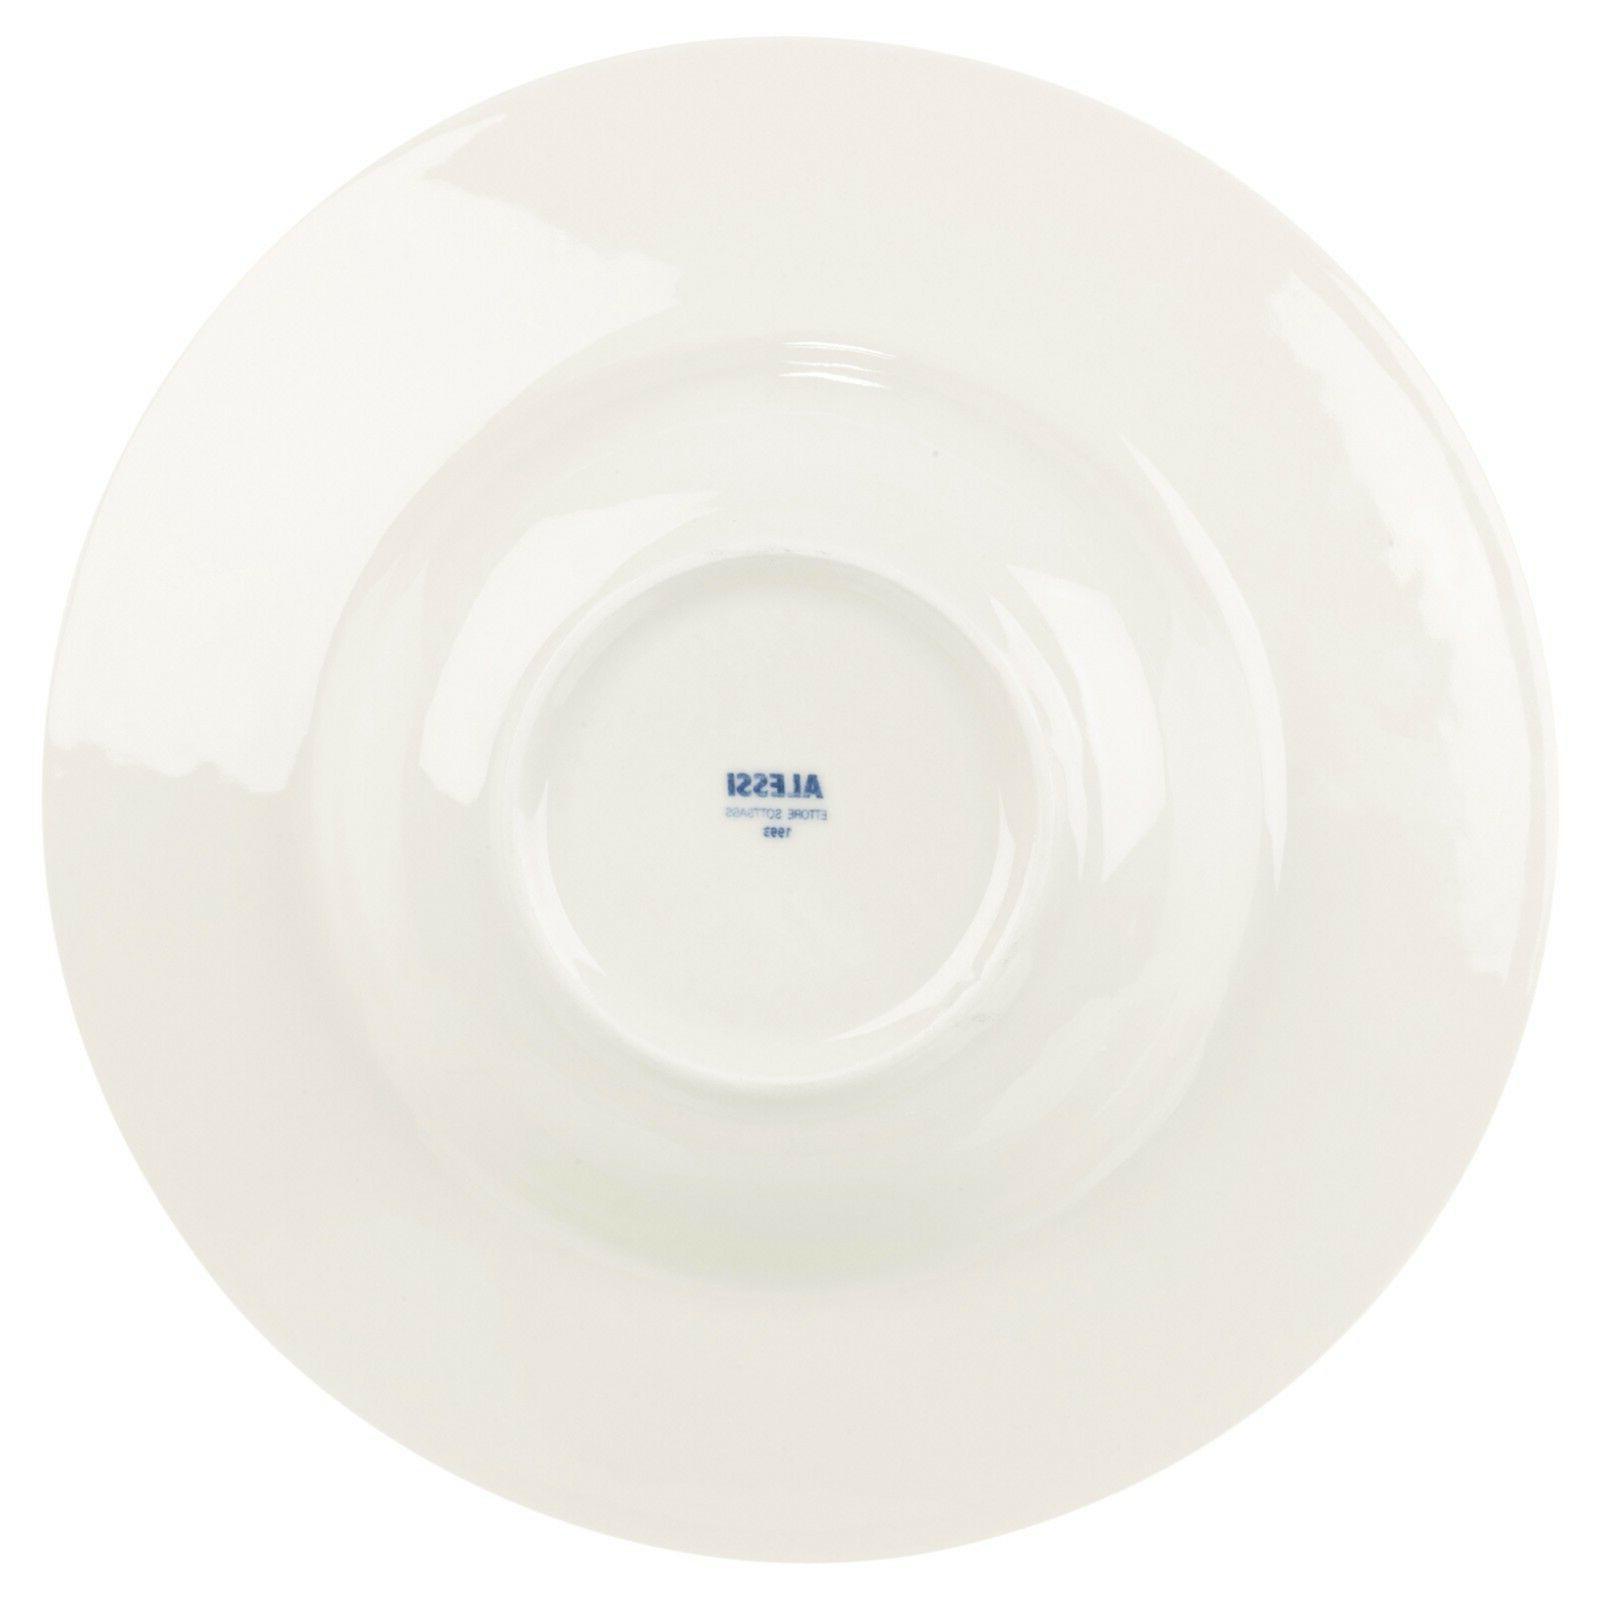 ALESSI La Service Porcelain Tableware Dining Plate Bowl Set